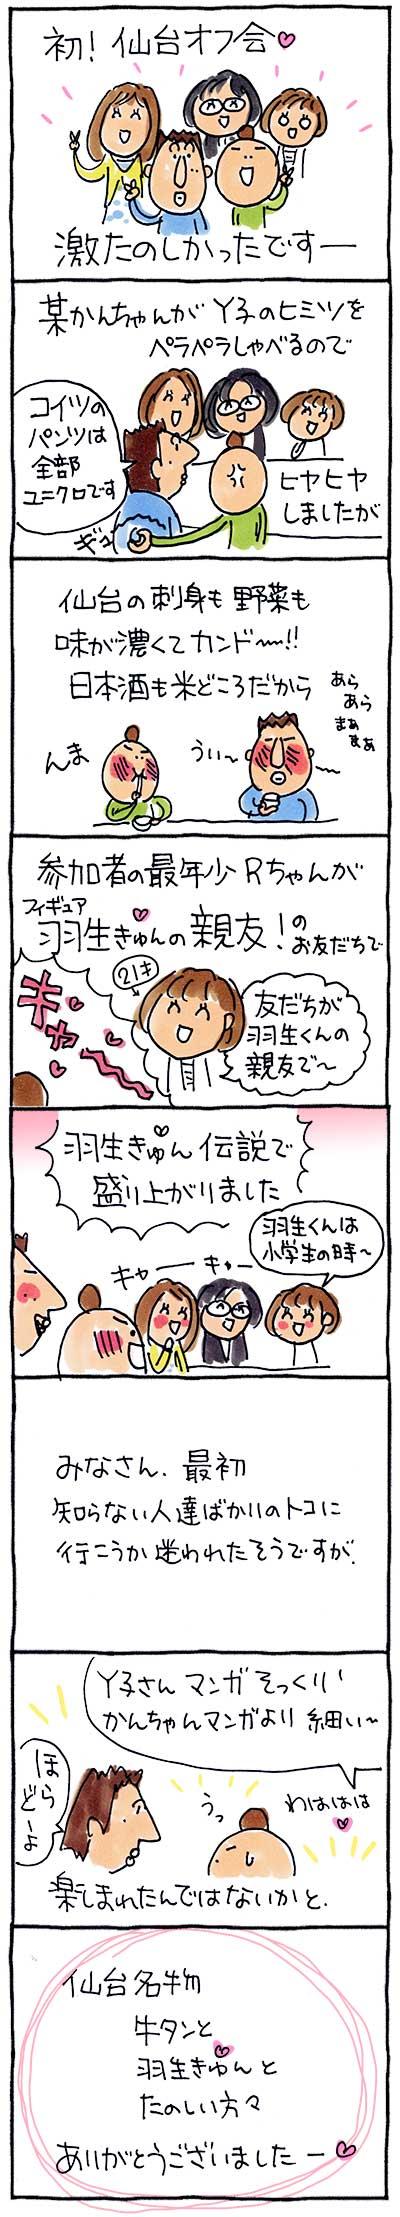 仙台イベント